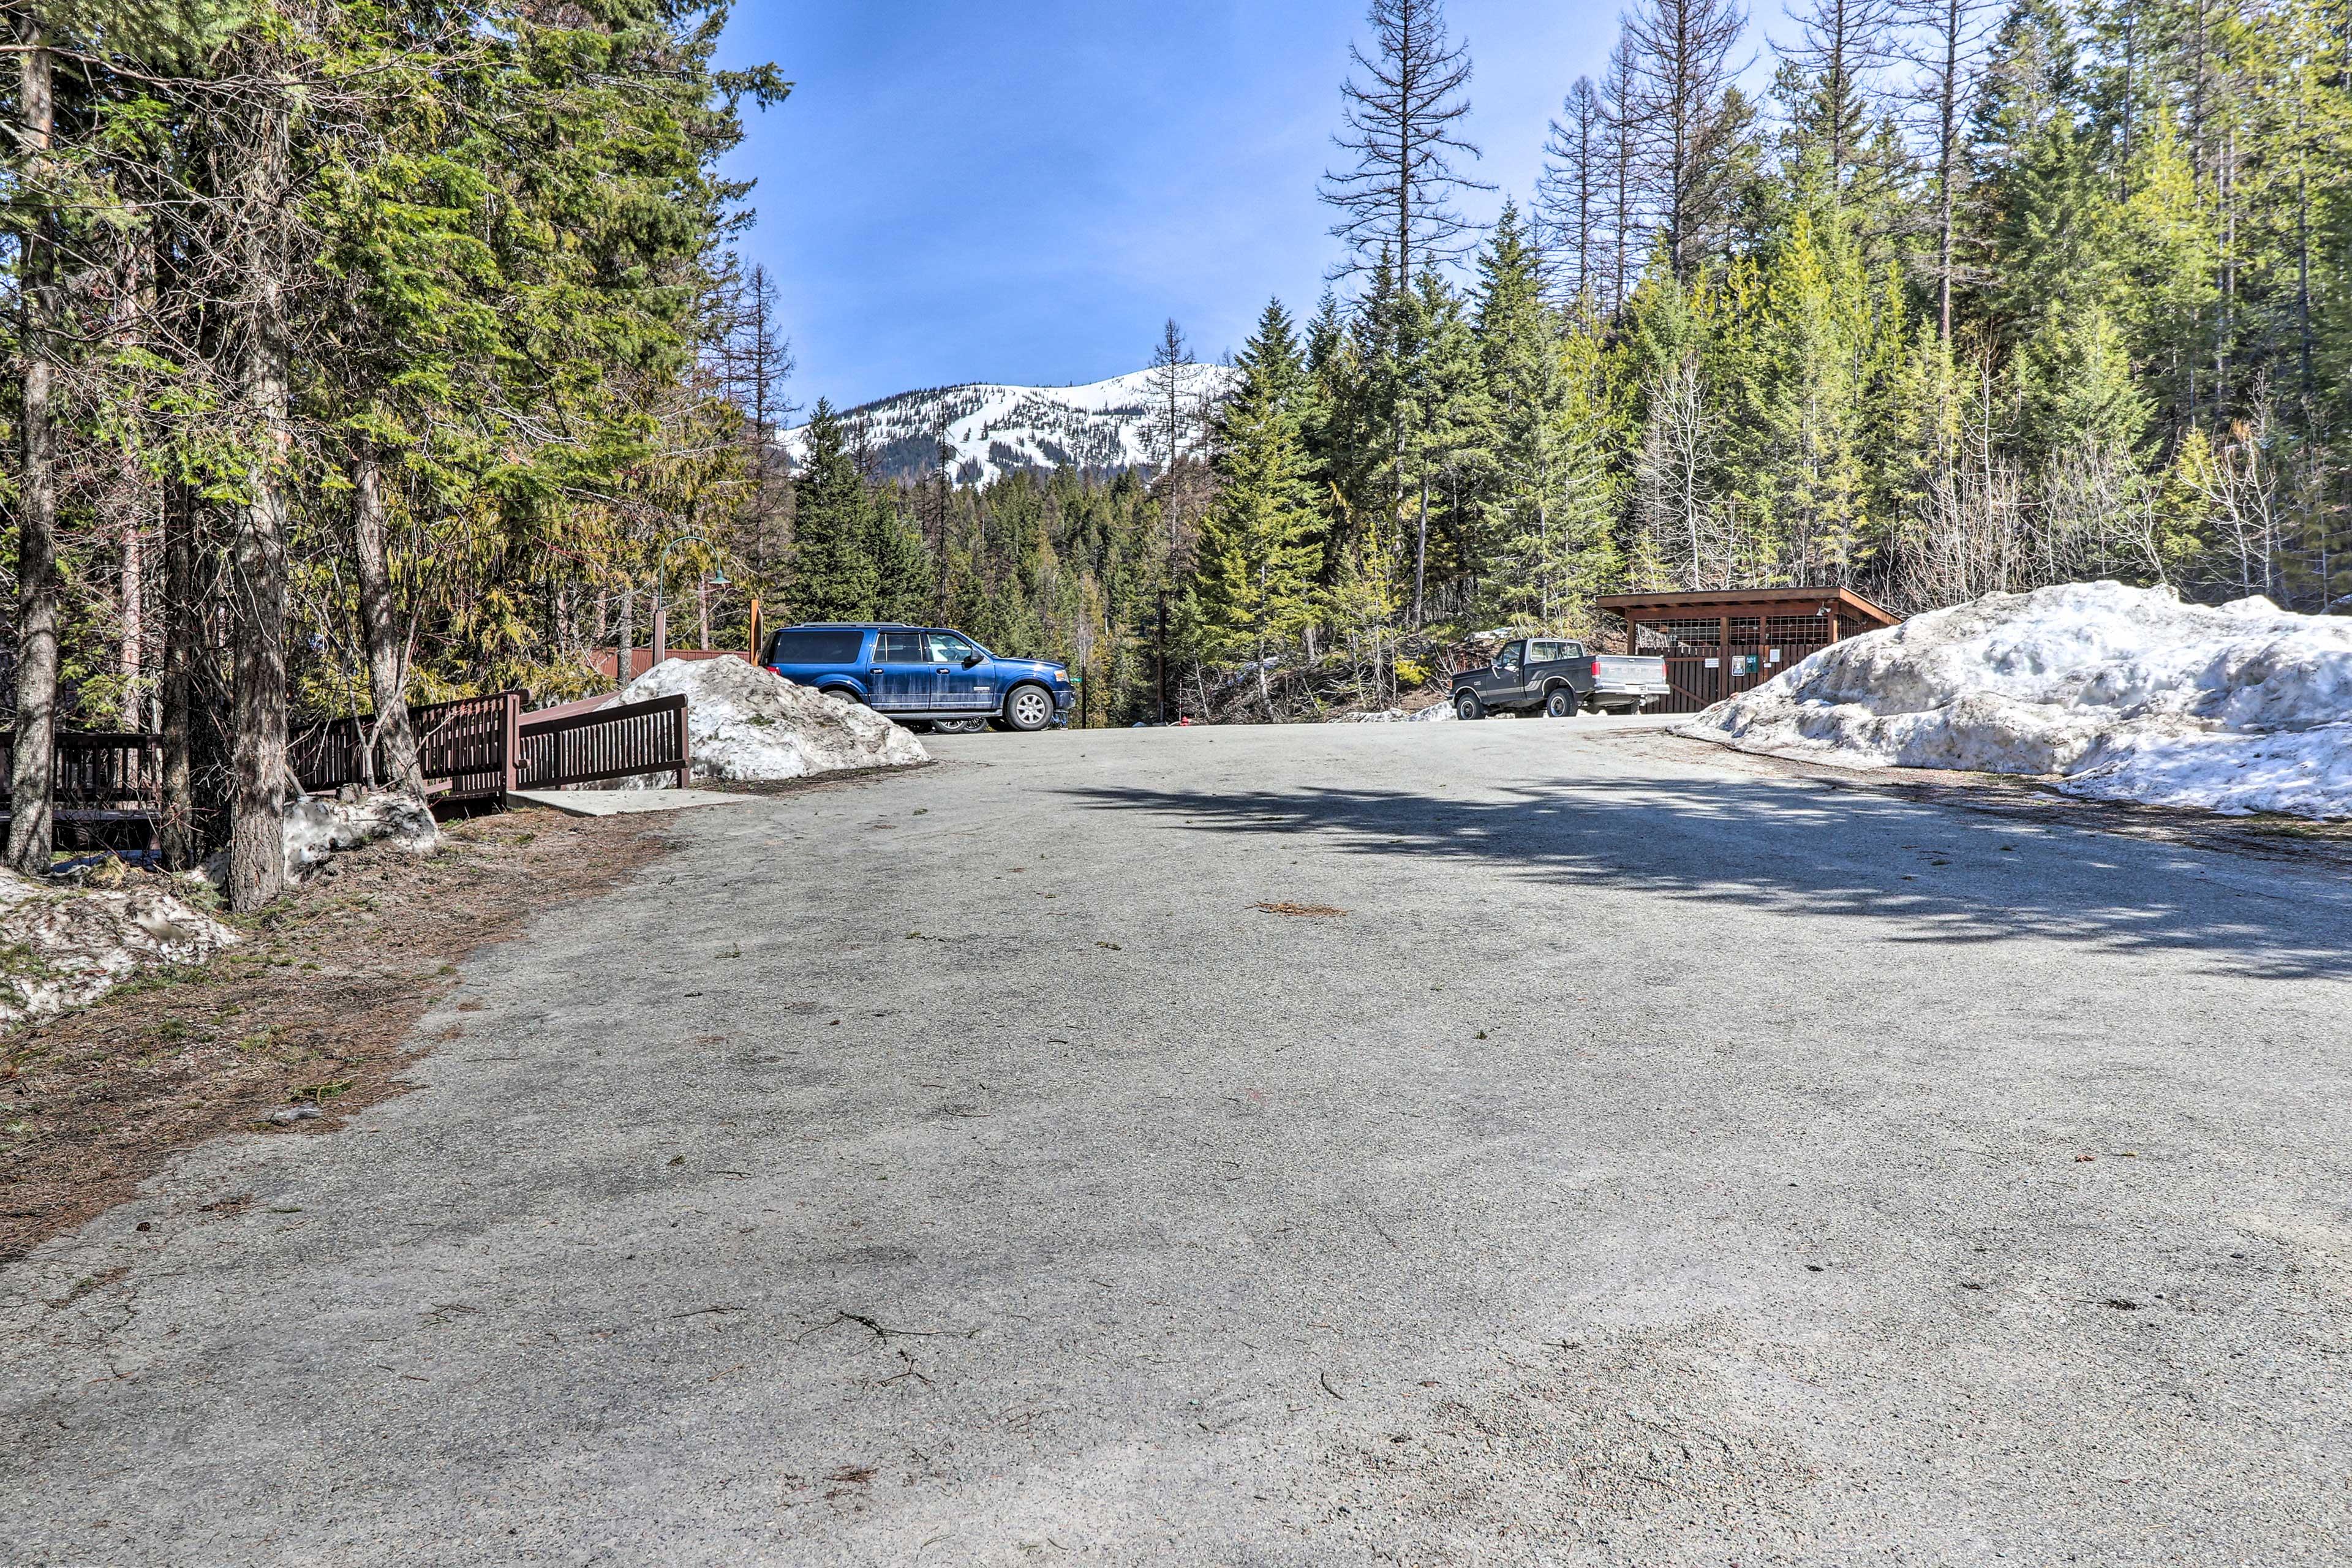 Whitefish Mountain Resort lies just 2.8 miles away.